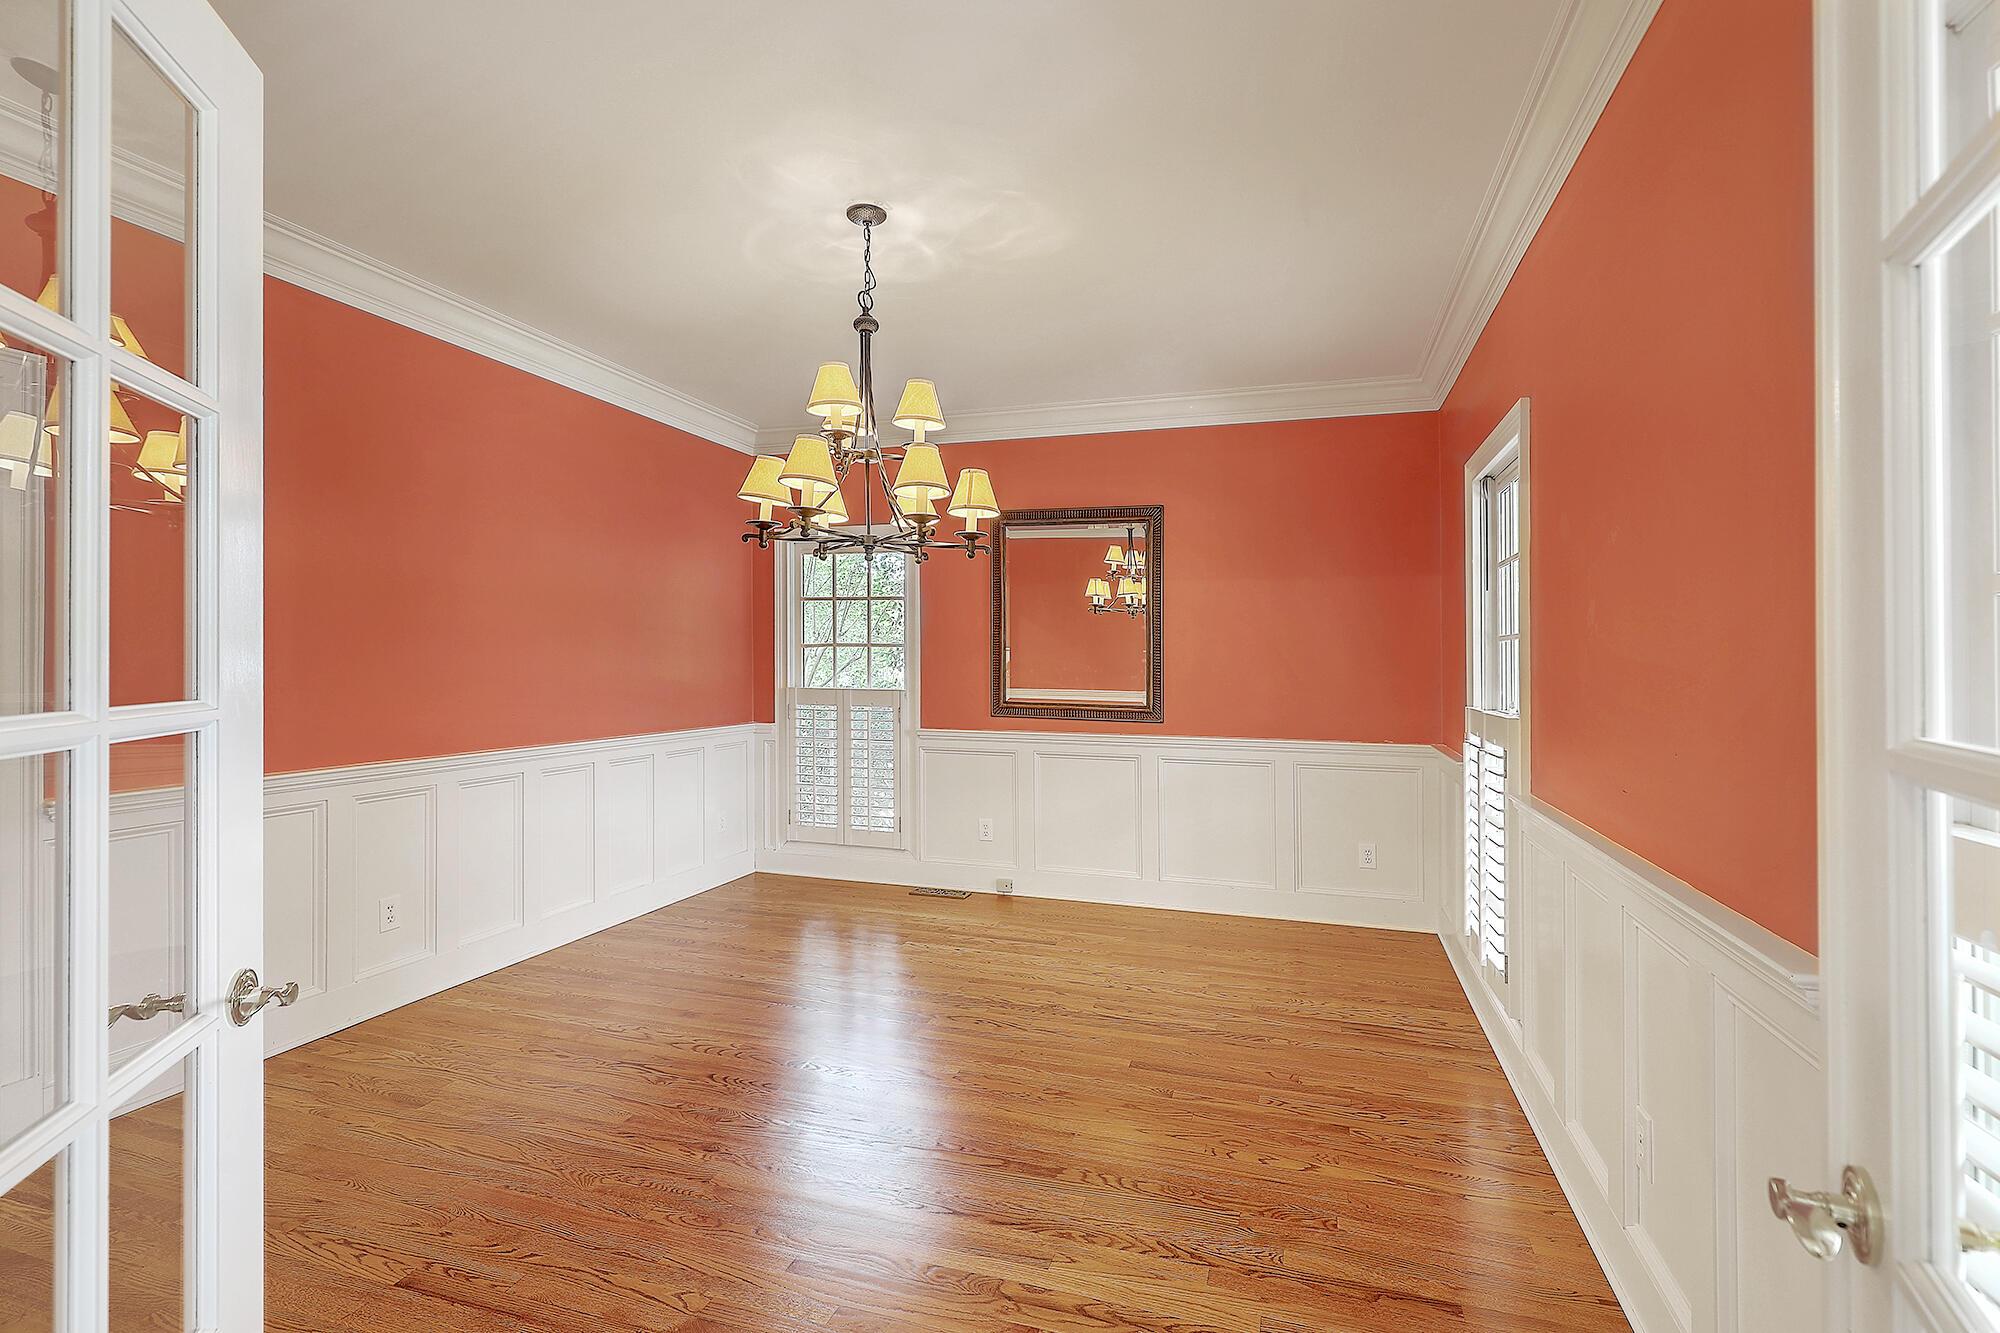 Stiles Point Plantation Homes For Sale - 816 Whispering Marsh, Charleston, SC - 24